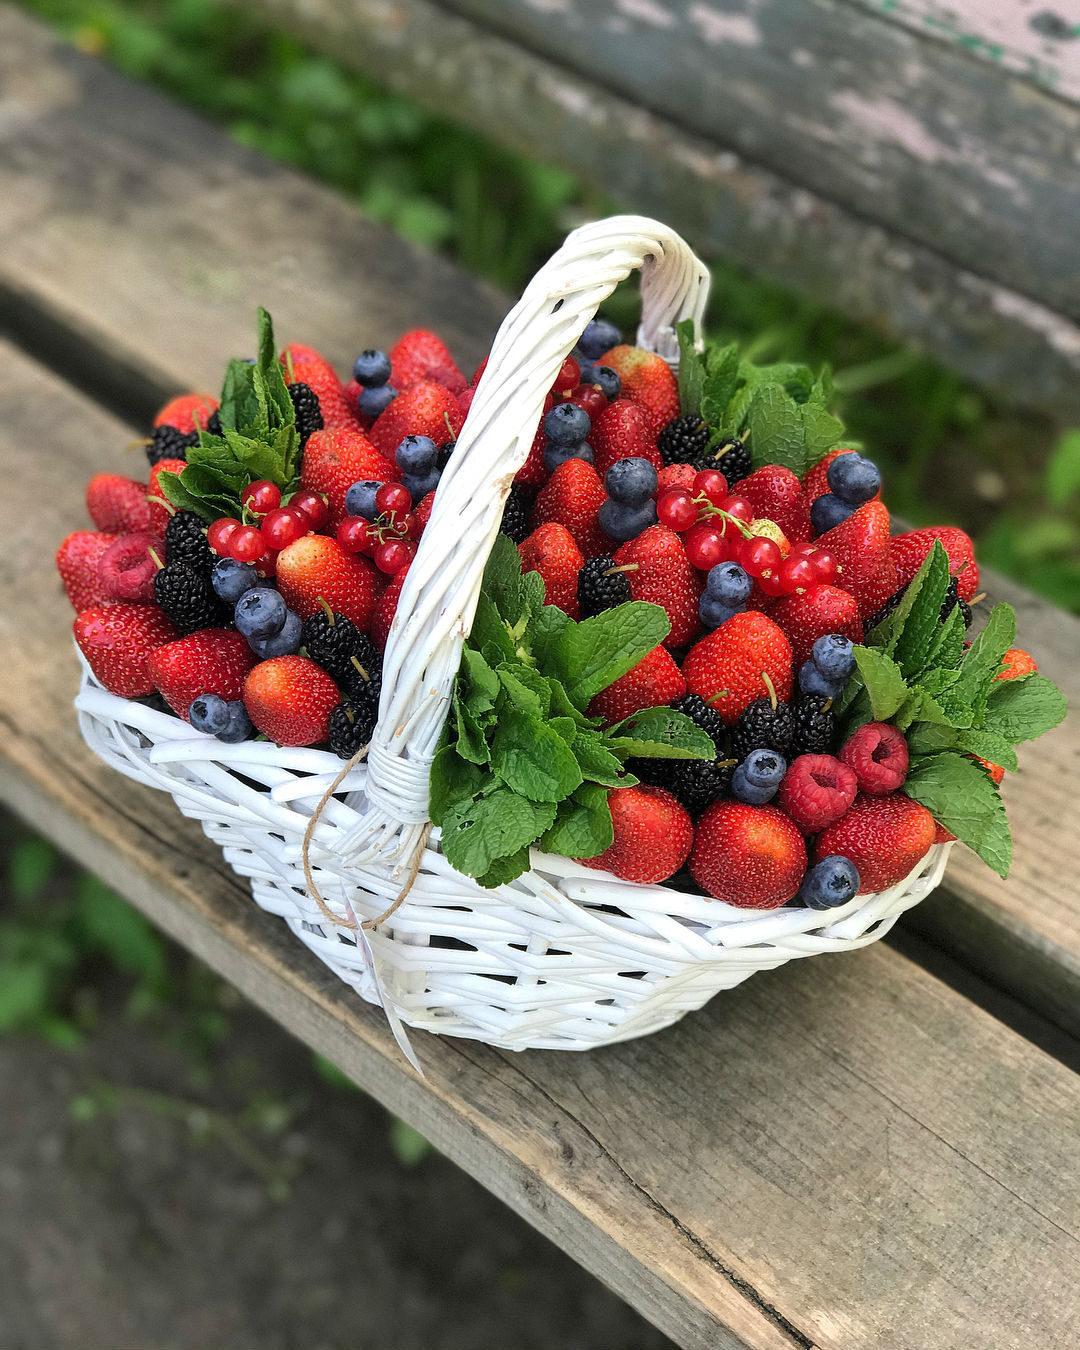 выглядывает корзина с ягодами и цветами фото чтобы волосы